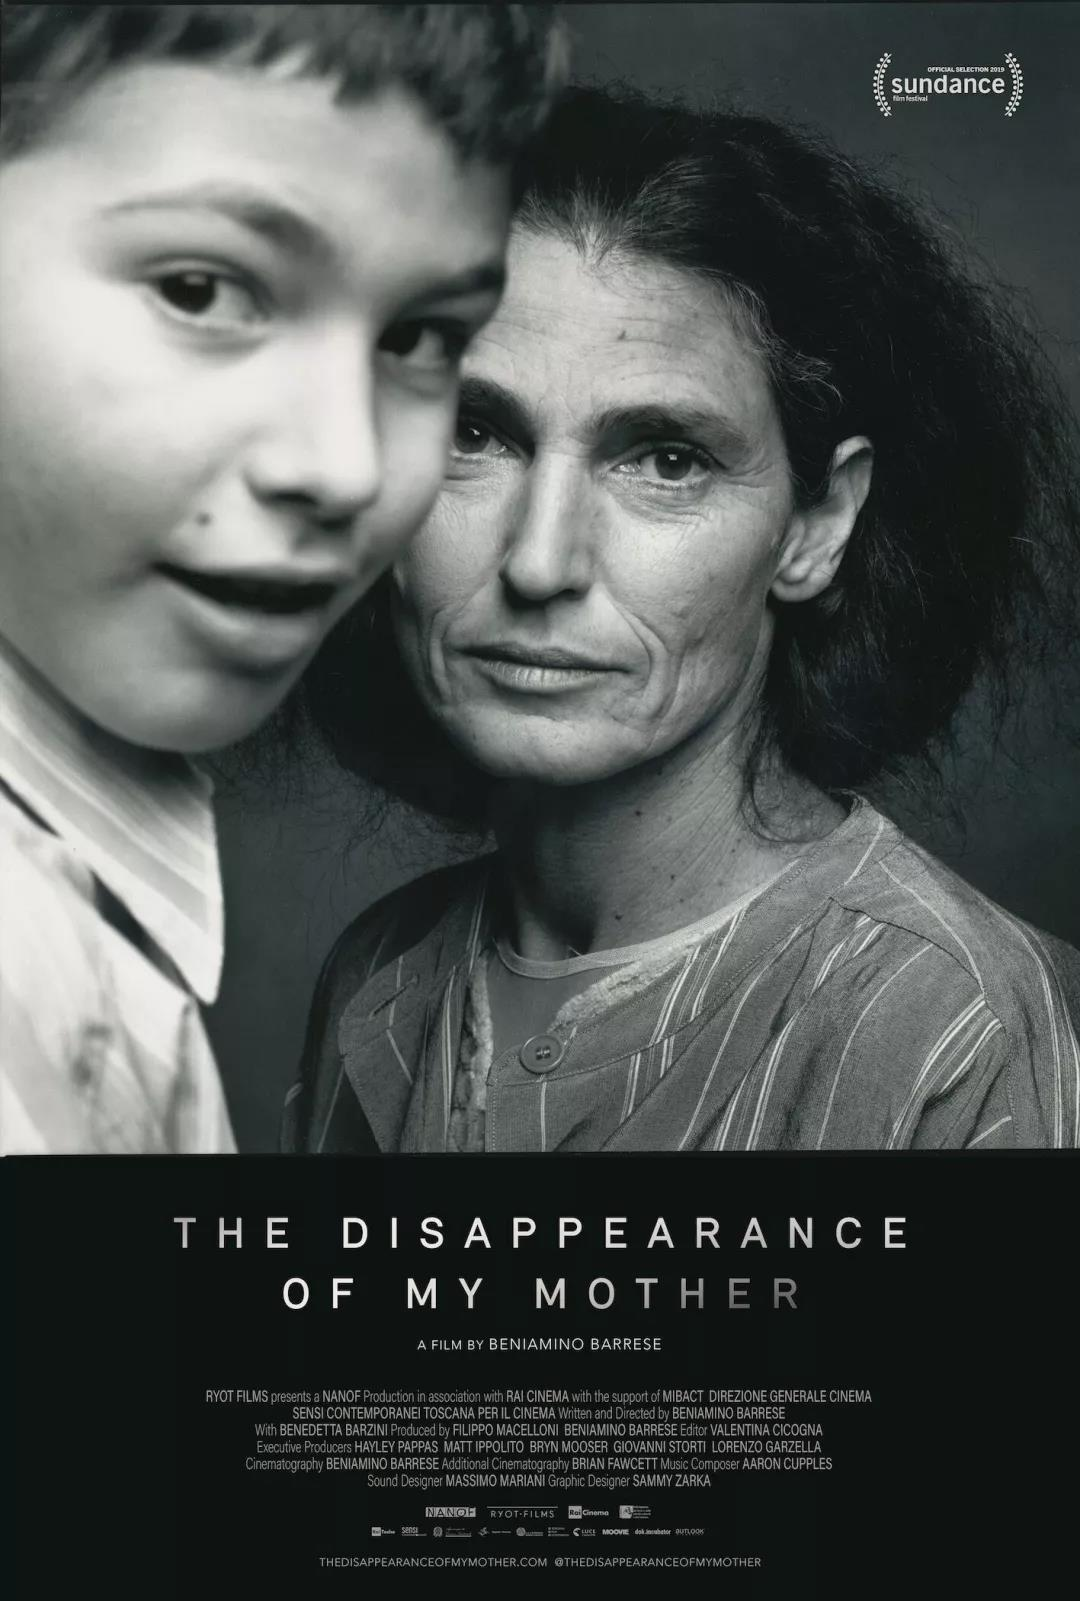 纪录片《我母亲的消失》官方海报